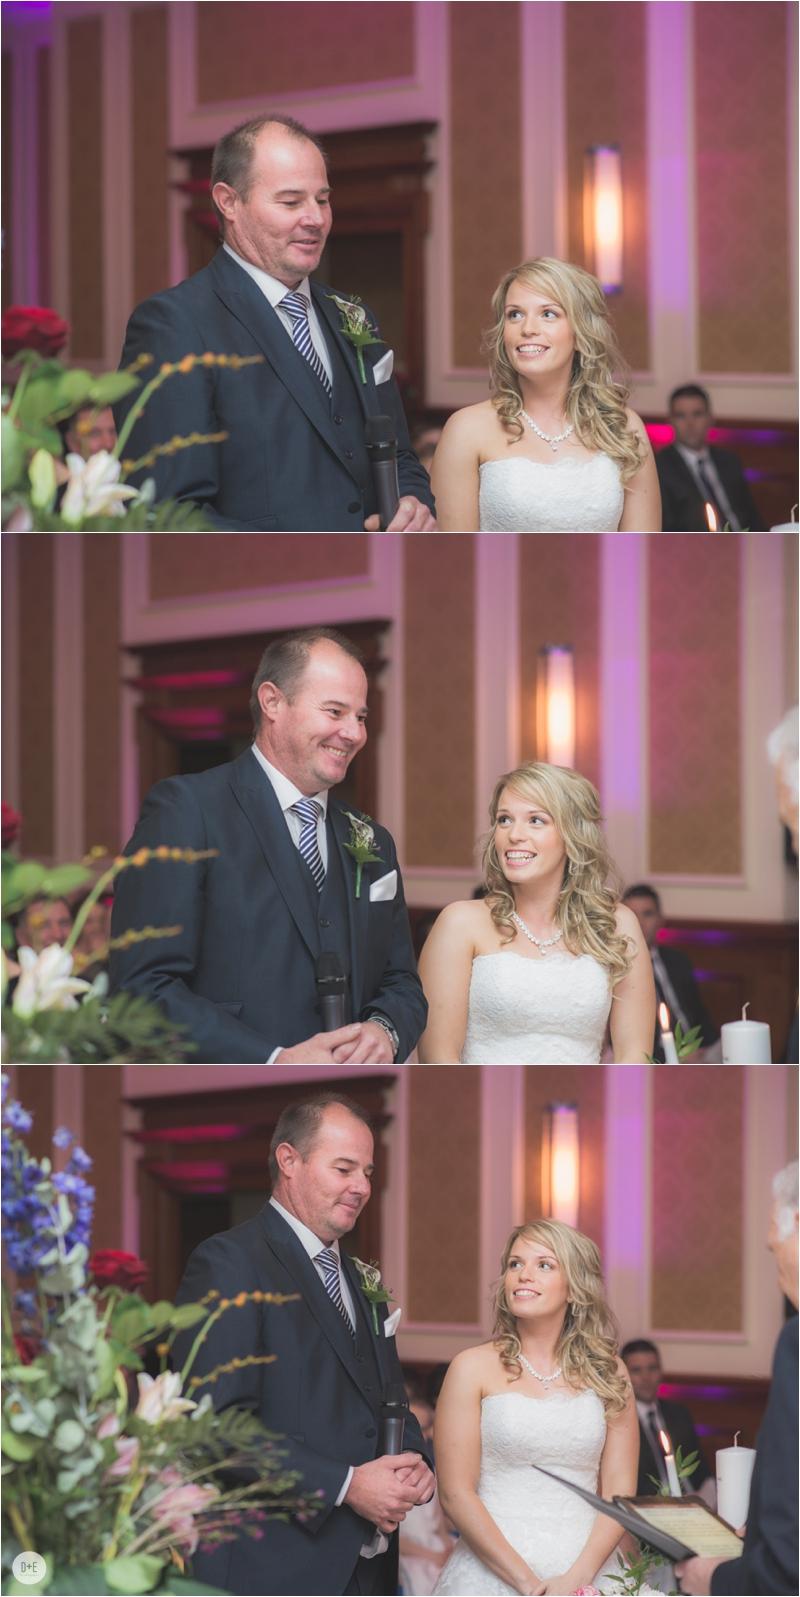 sinead-brett-wedding-hamlet-hotel-ireland-deanella.com_0030.jpg